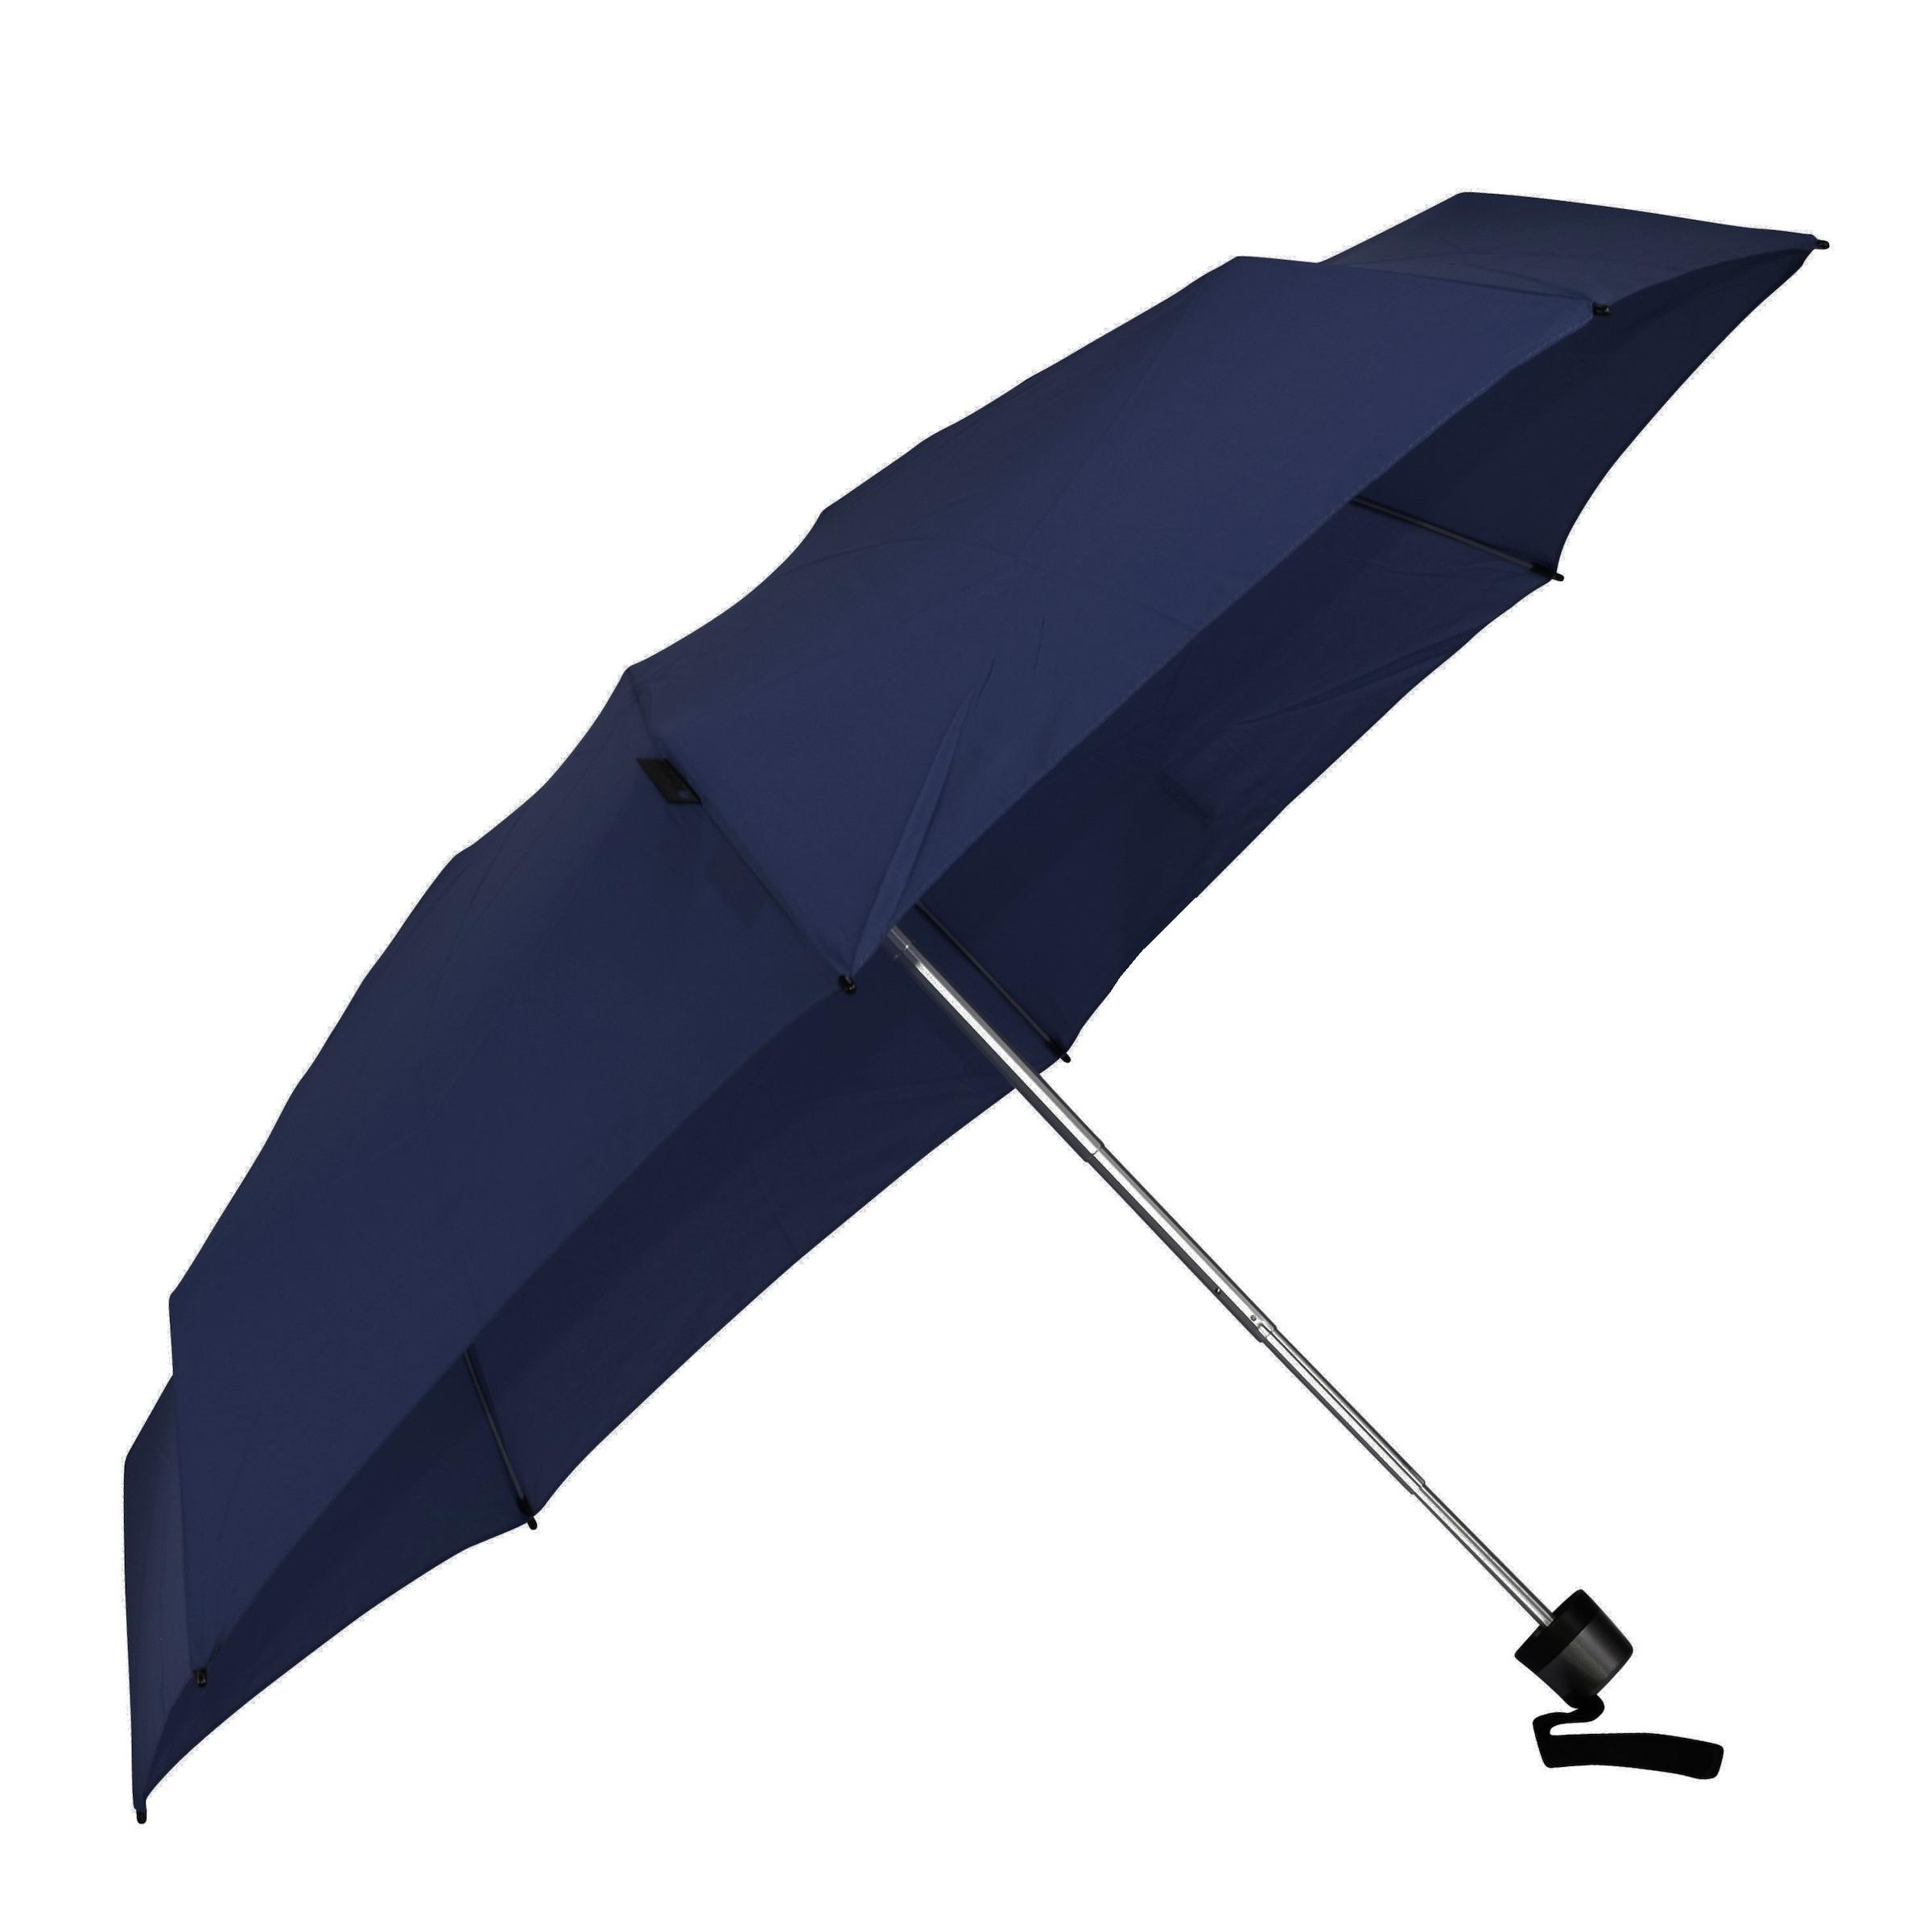 Parapluie En RougeNoir En Knirps En Knirps Parapluie Knirps Parapluie RougeNoir rQBoshtdCx